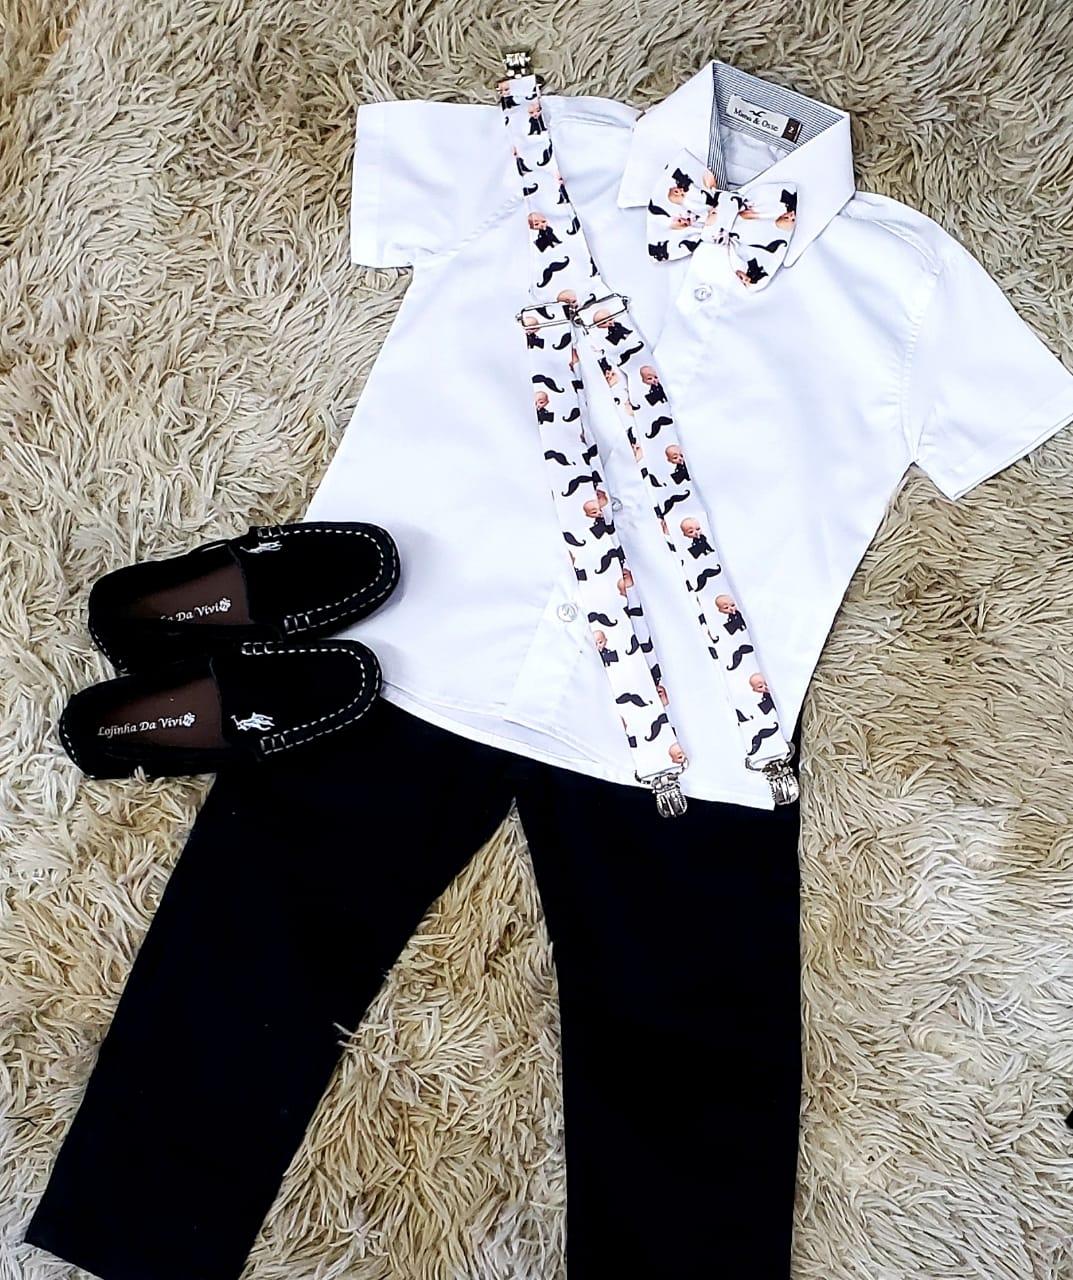 Calça Preta e Camisa Social Branca com Suspensório e Gravata Poderoso Chefinho